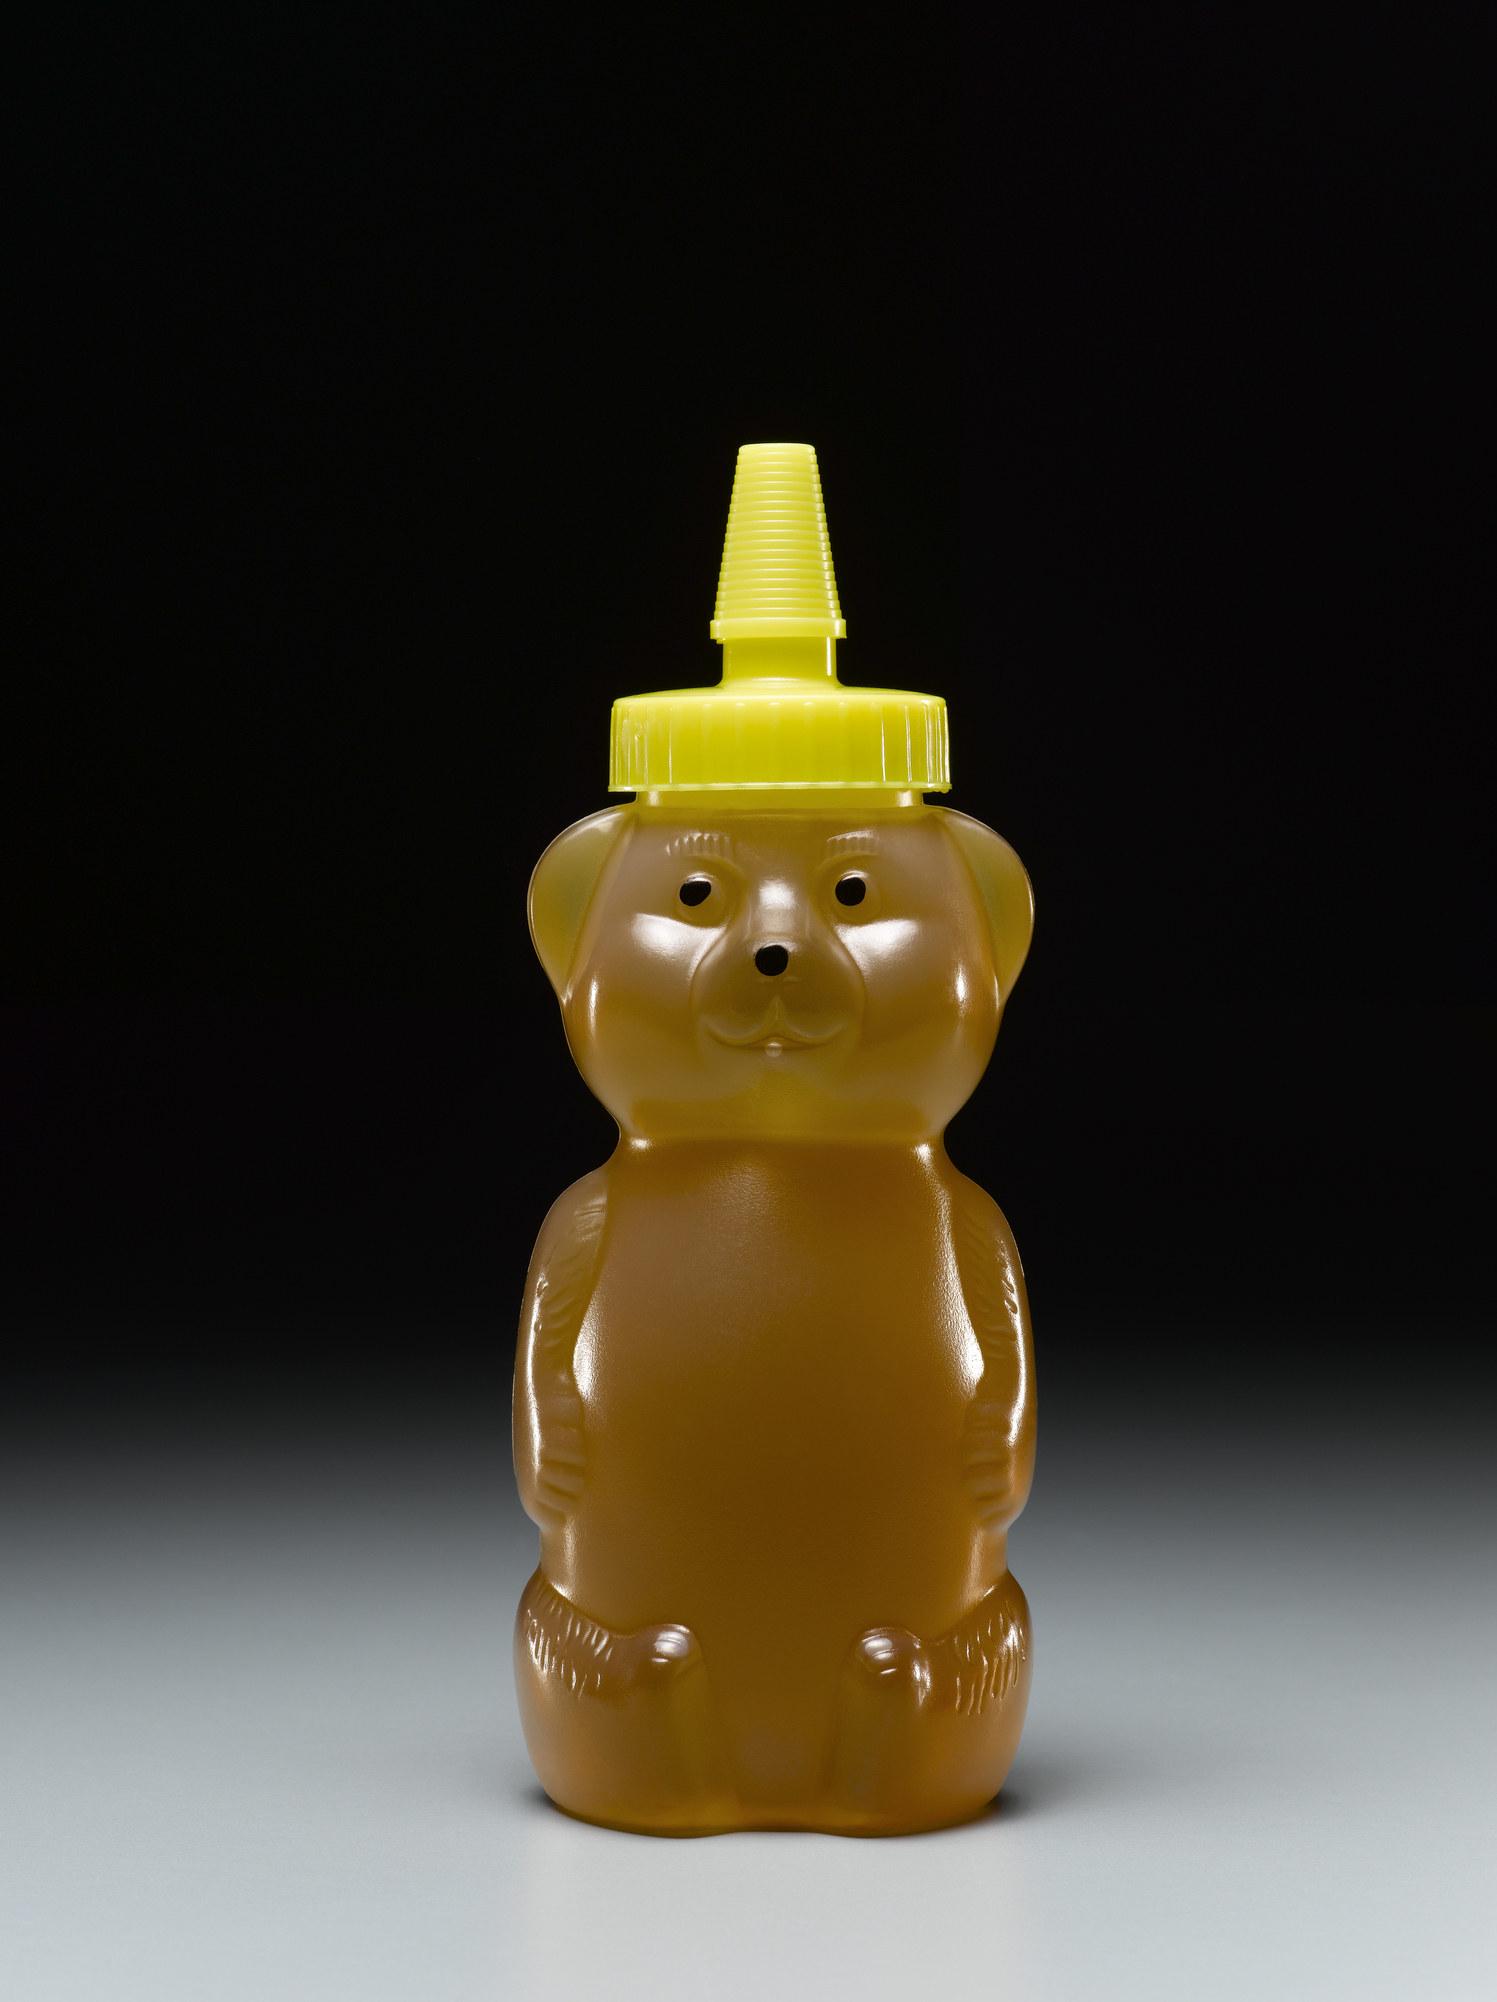 A honey bottle in the shape of a bear